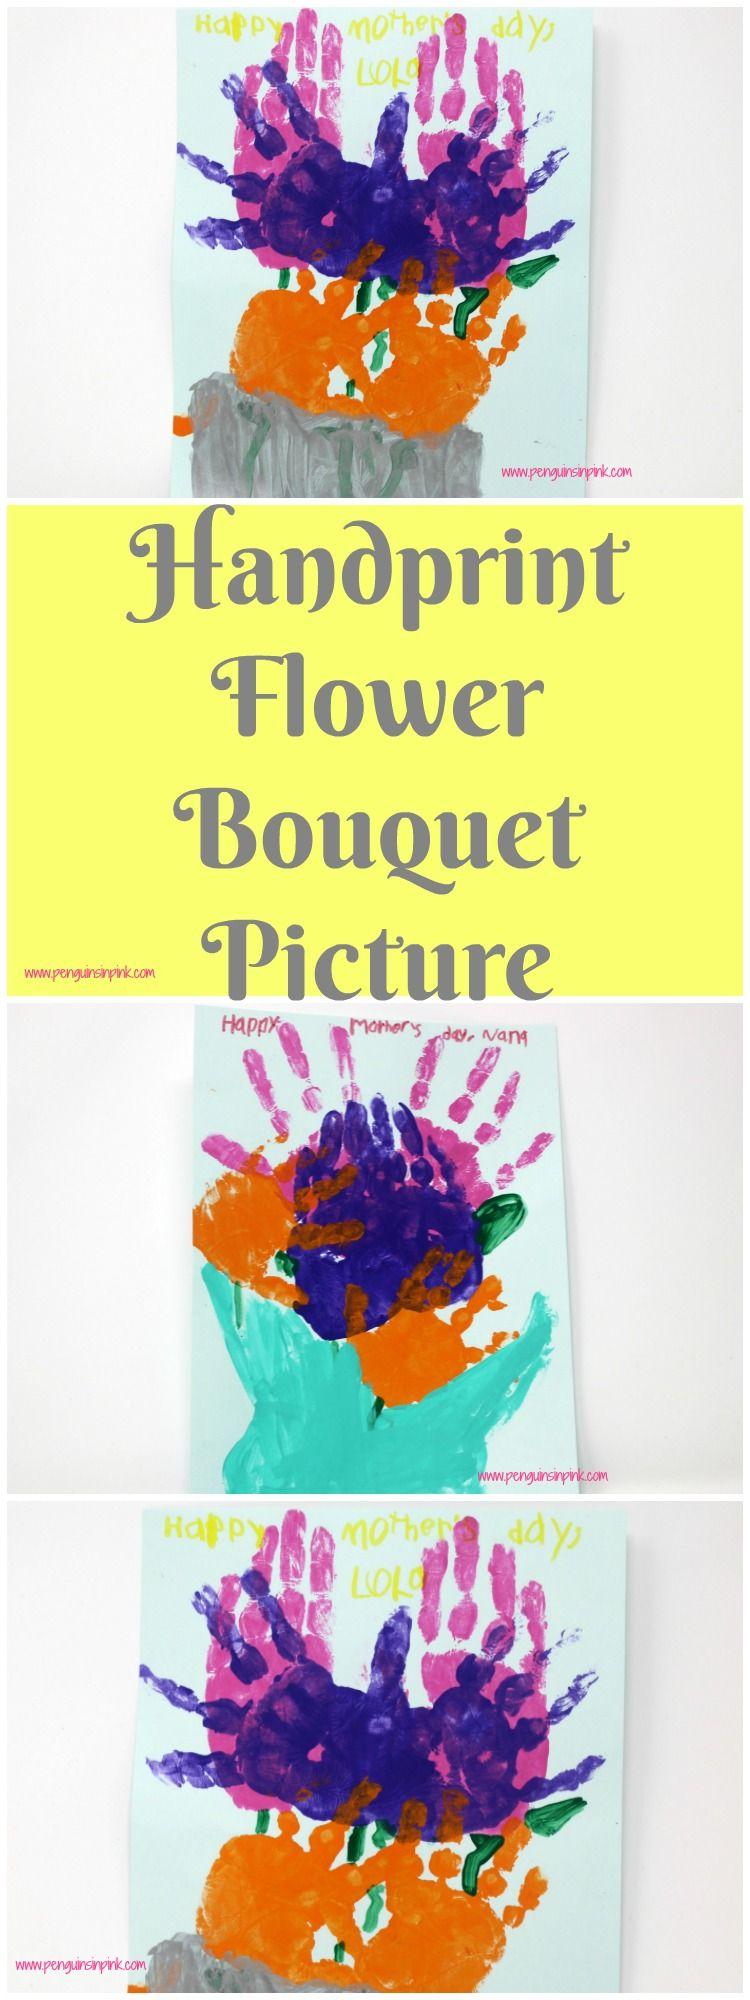 Handprint Flower Bouquet Picture Flower bouquet pictures